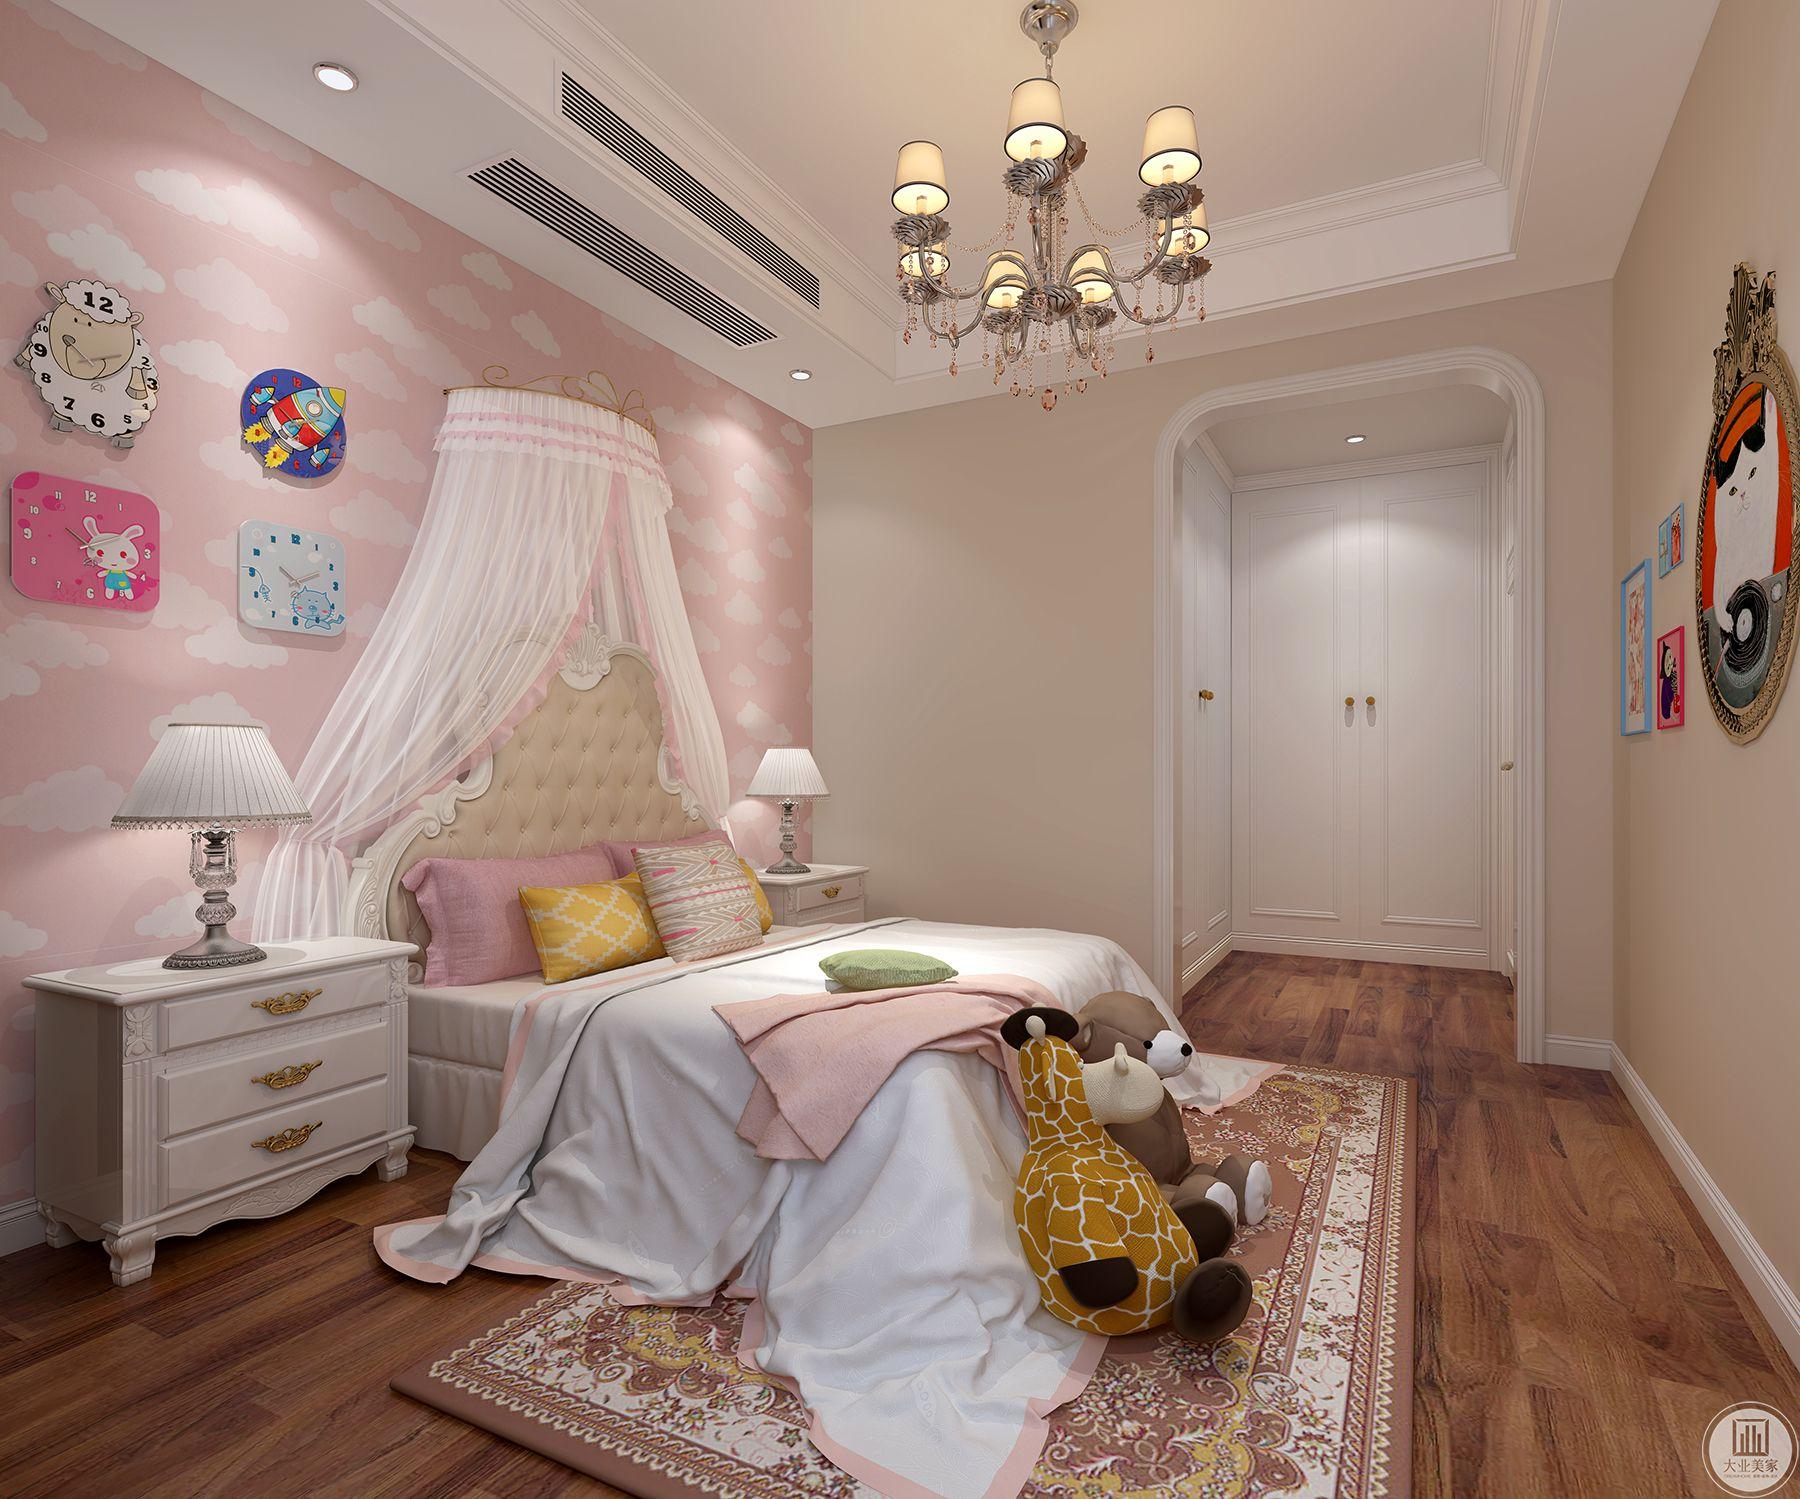 本案主要风格小美式,小孩房以温馨童趣为主。